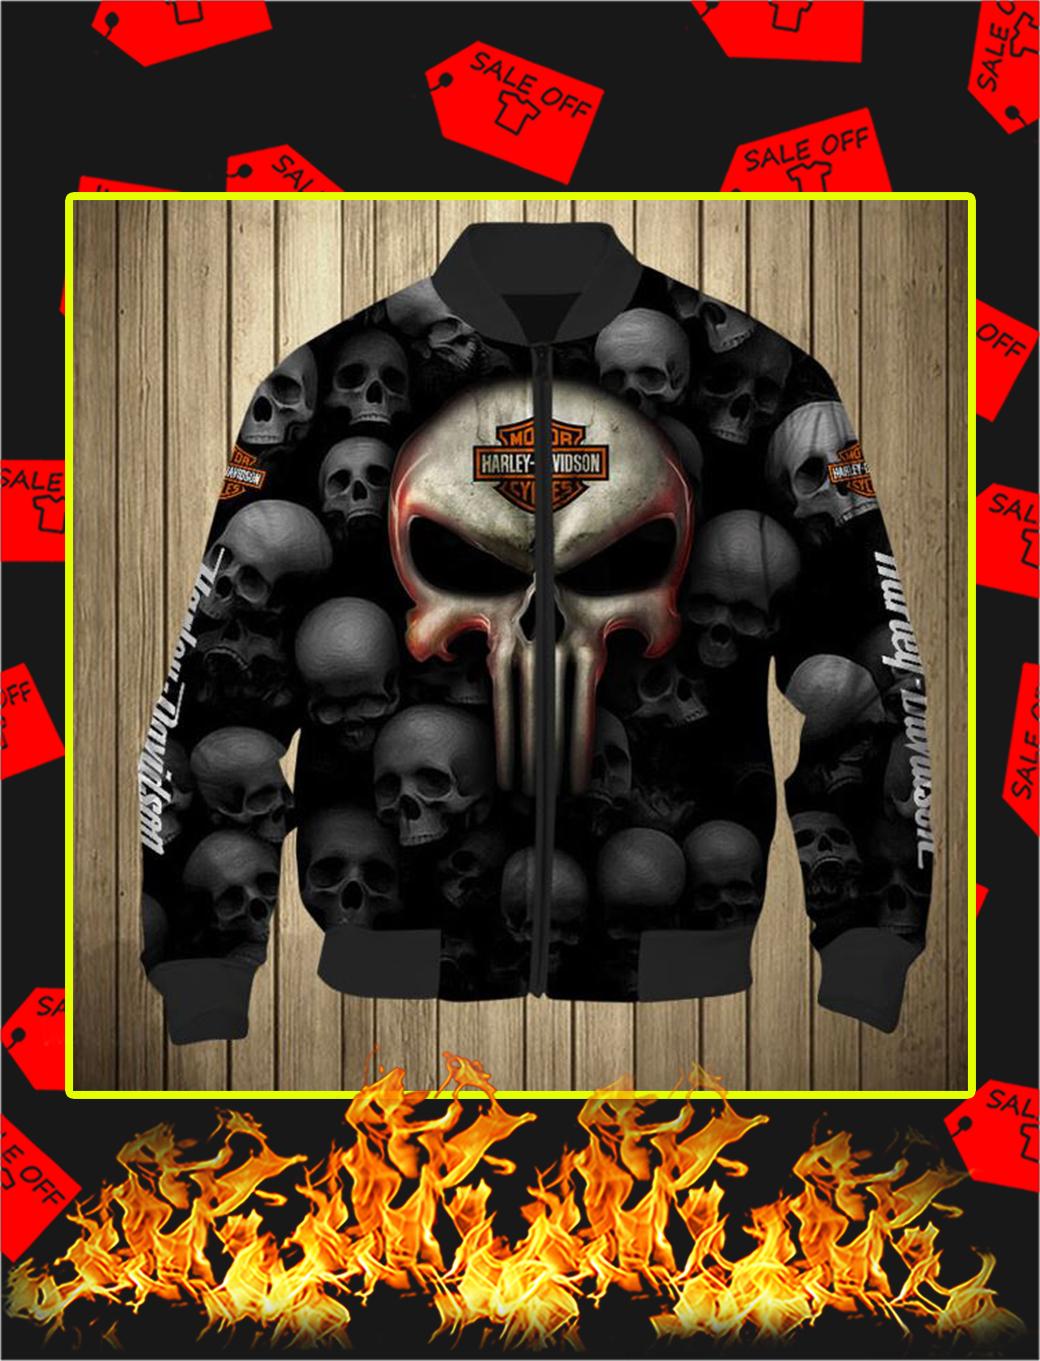 Punisher Skull Harley Davidson Motorcycle 3D Full Printing Bomber